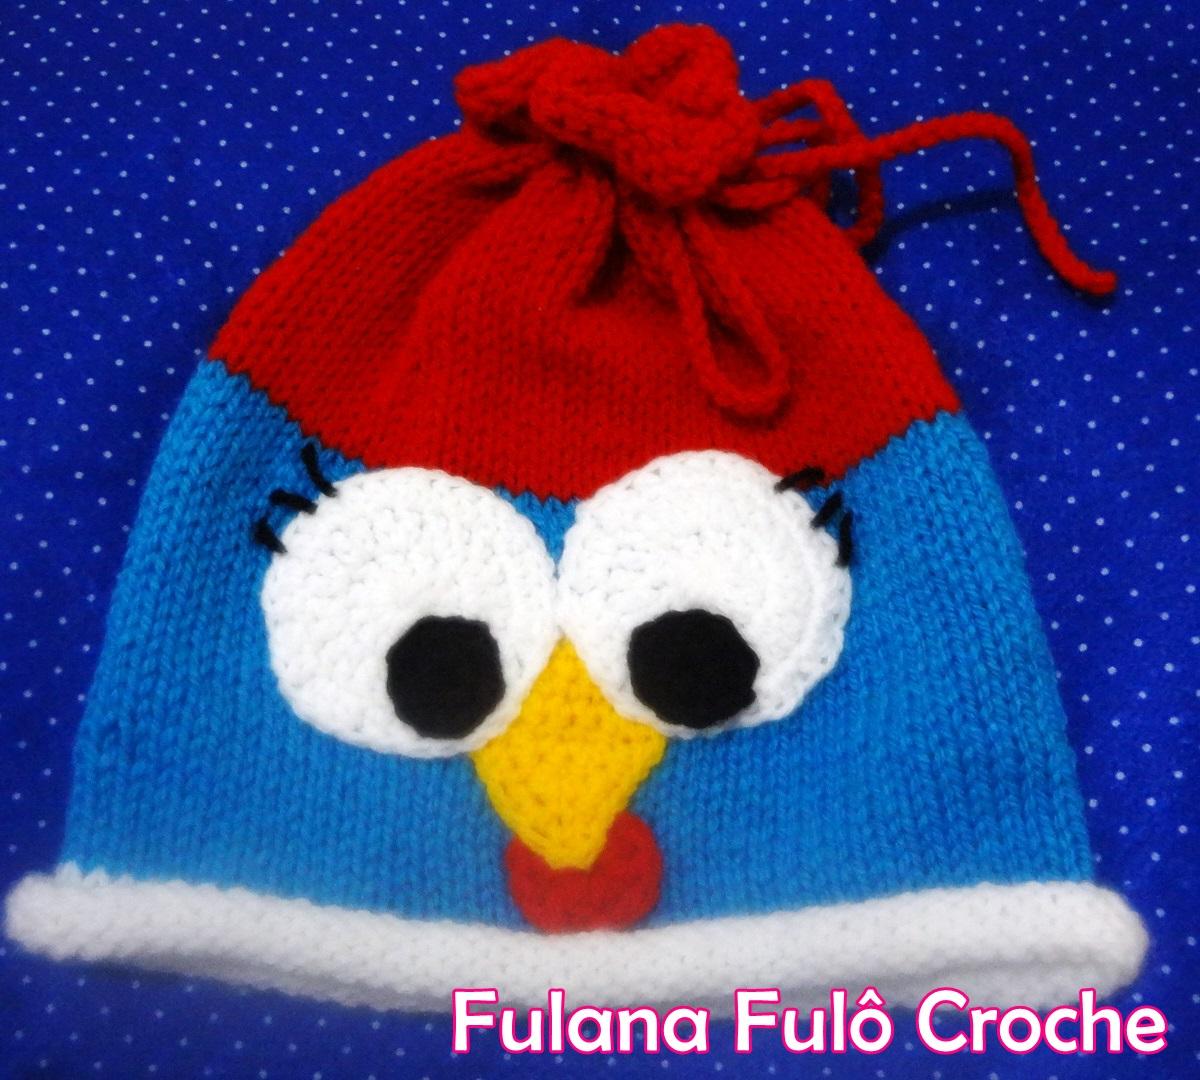 http://www.fulanafulocroche.com.br/2014/07/touca-em-trico-galinha-pintadinha.html